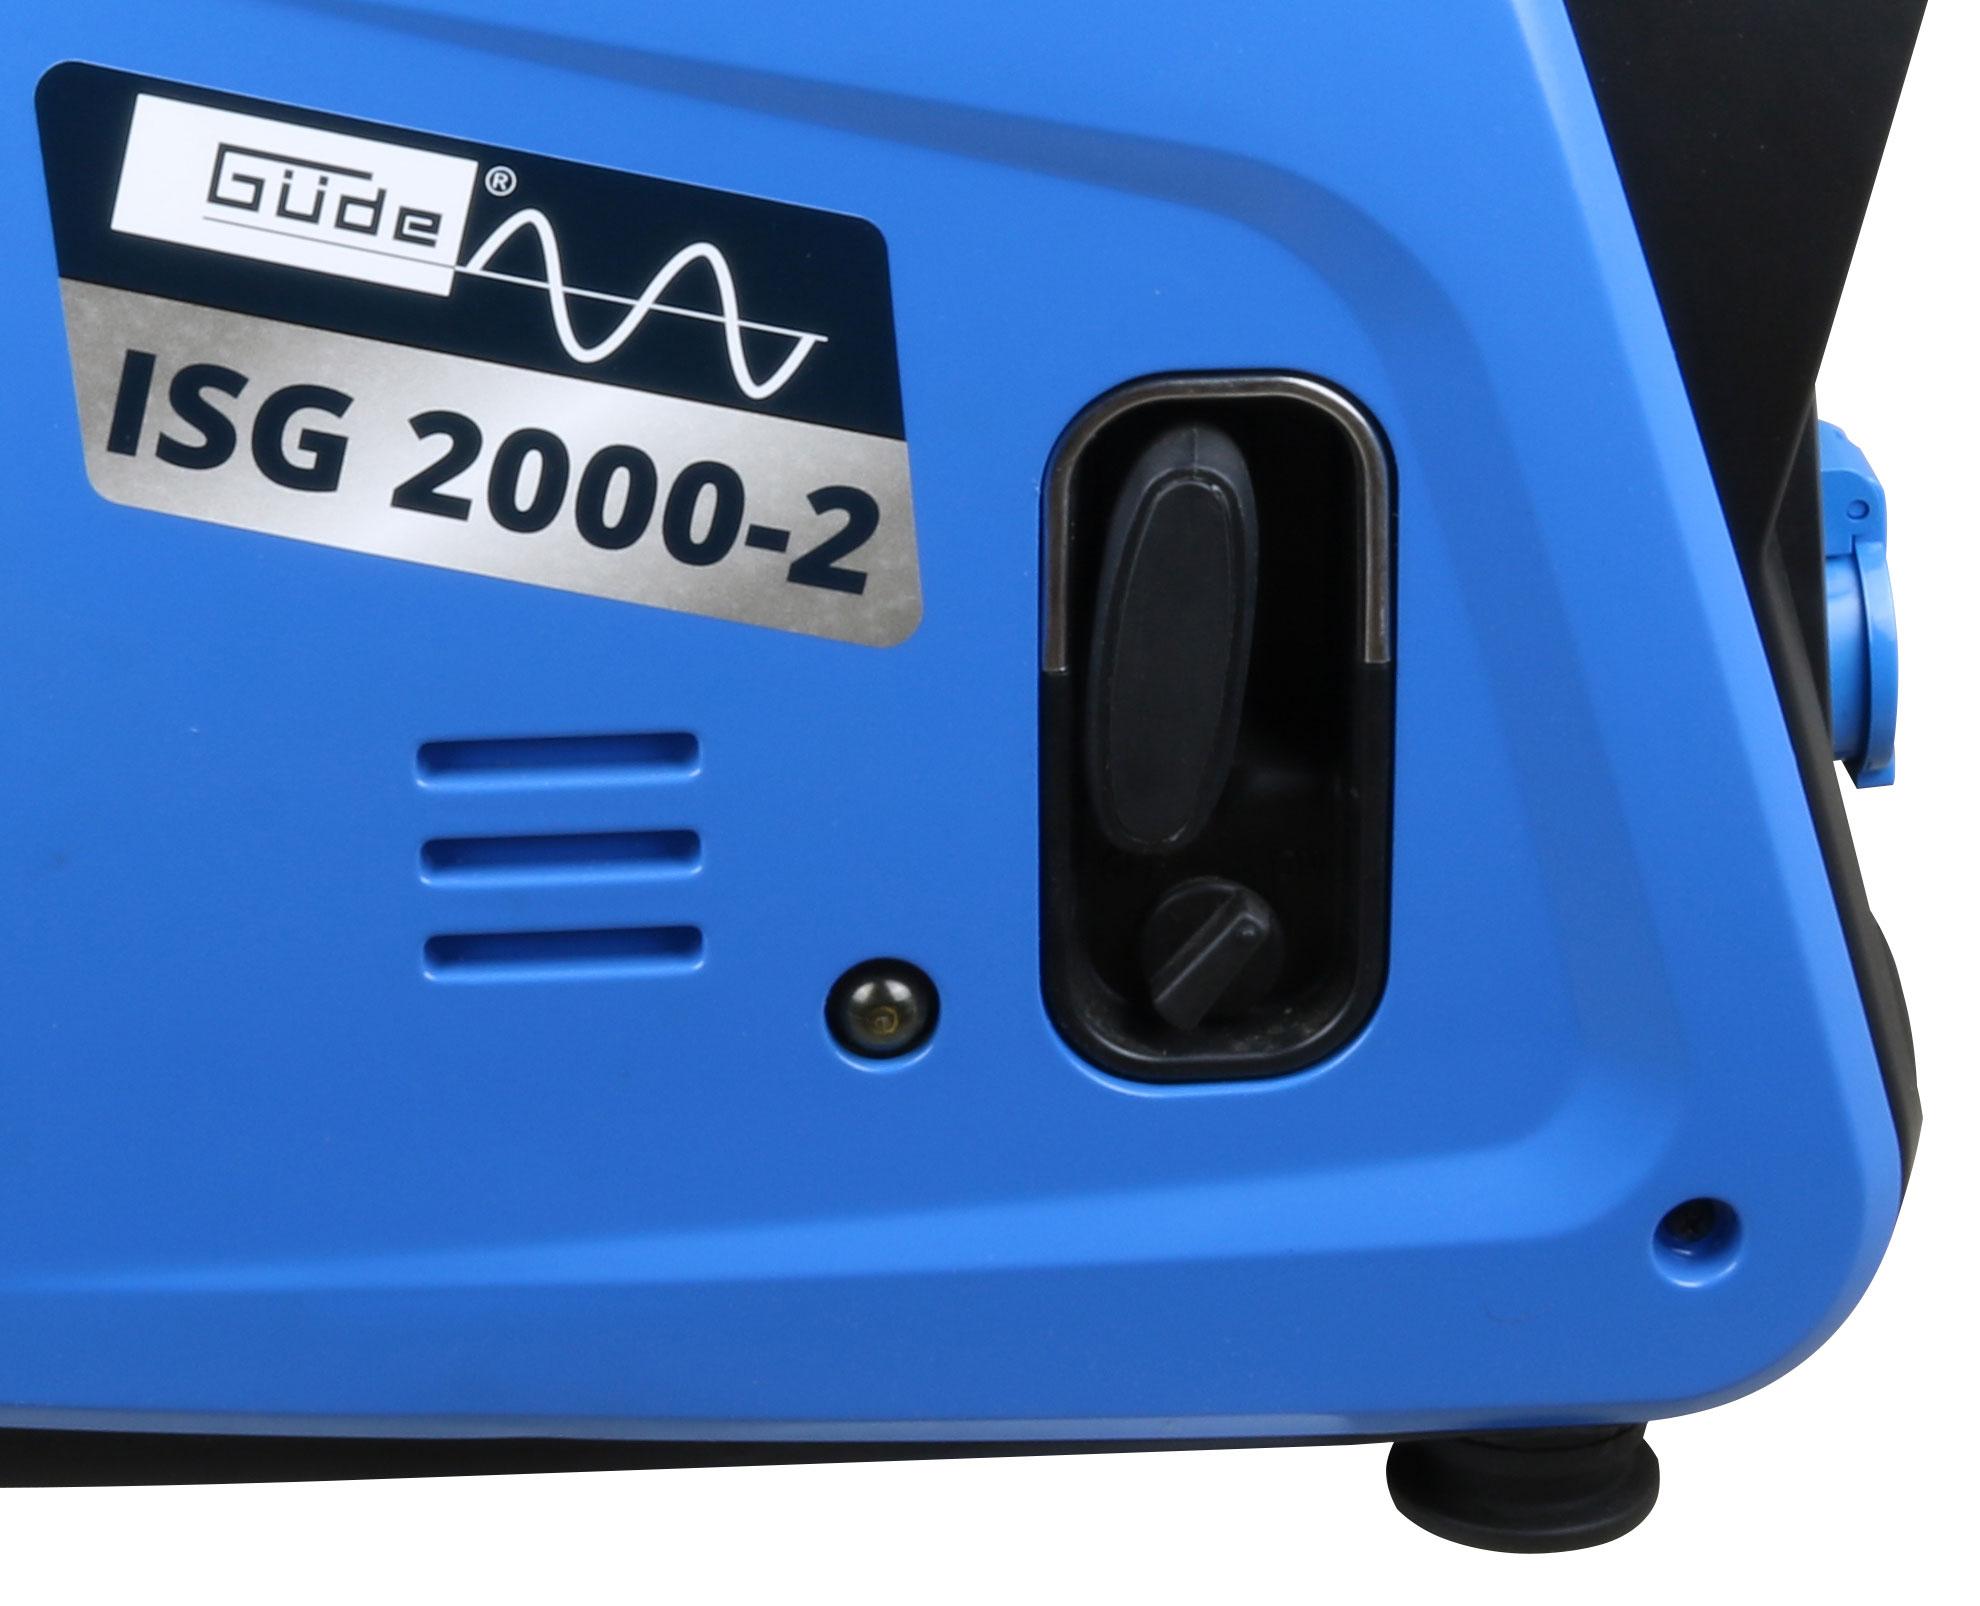 Inverter Stromerzeuger ISG 2000-2 Güde Bild 3